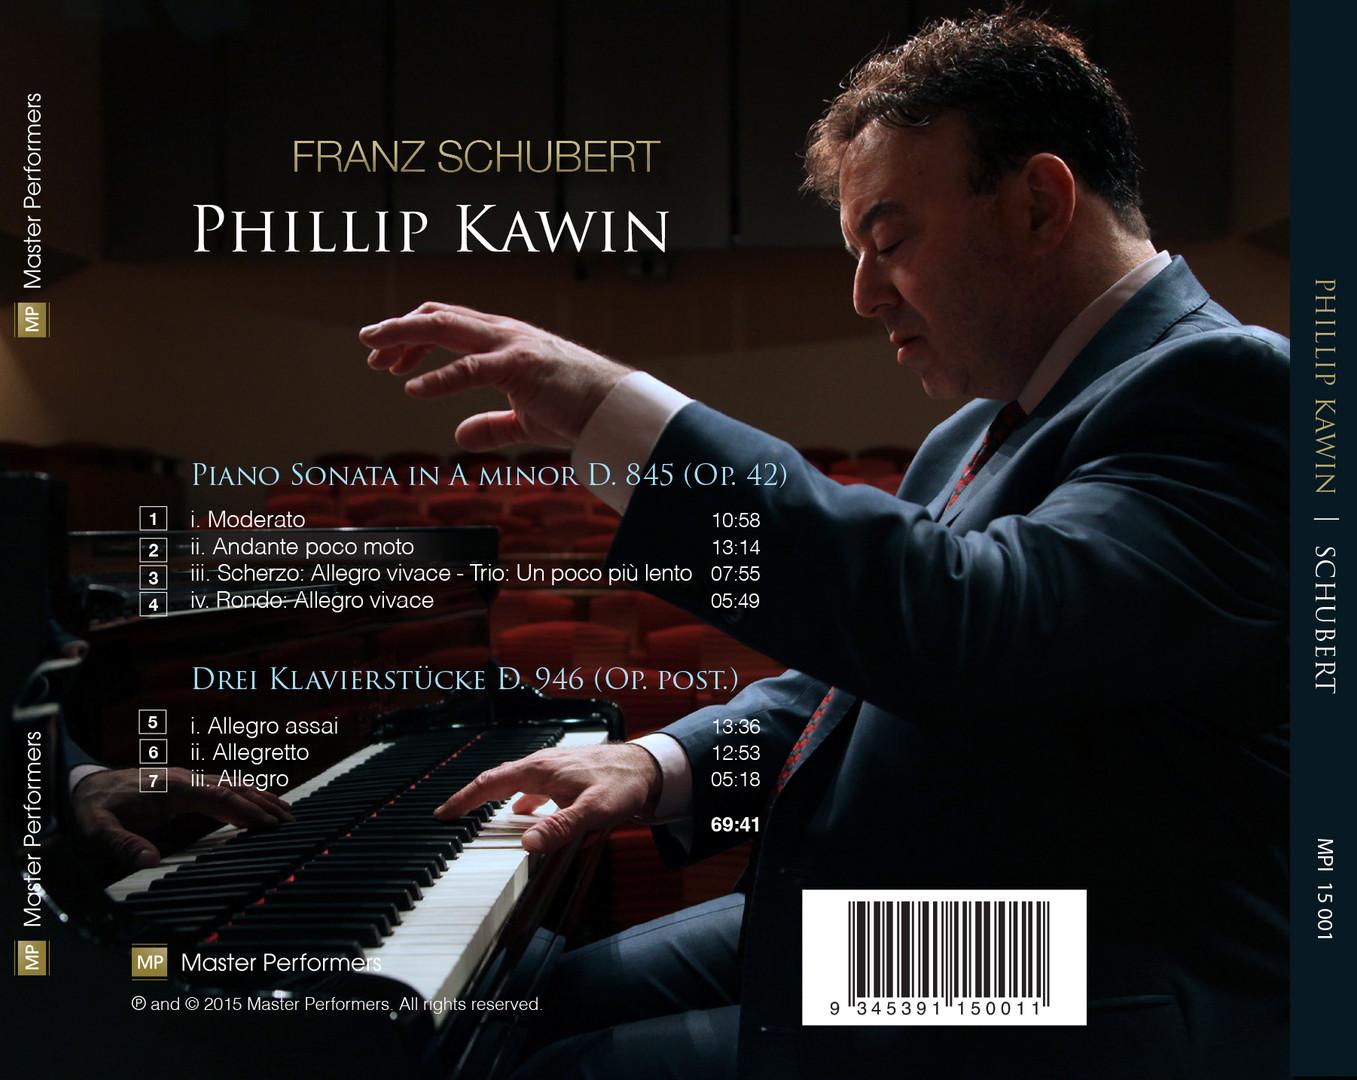 Franz Schubert / Phillip Kawin CD Tray